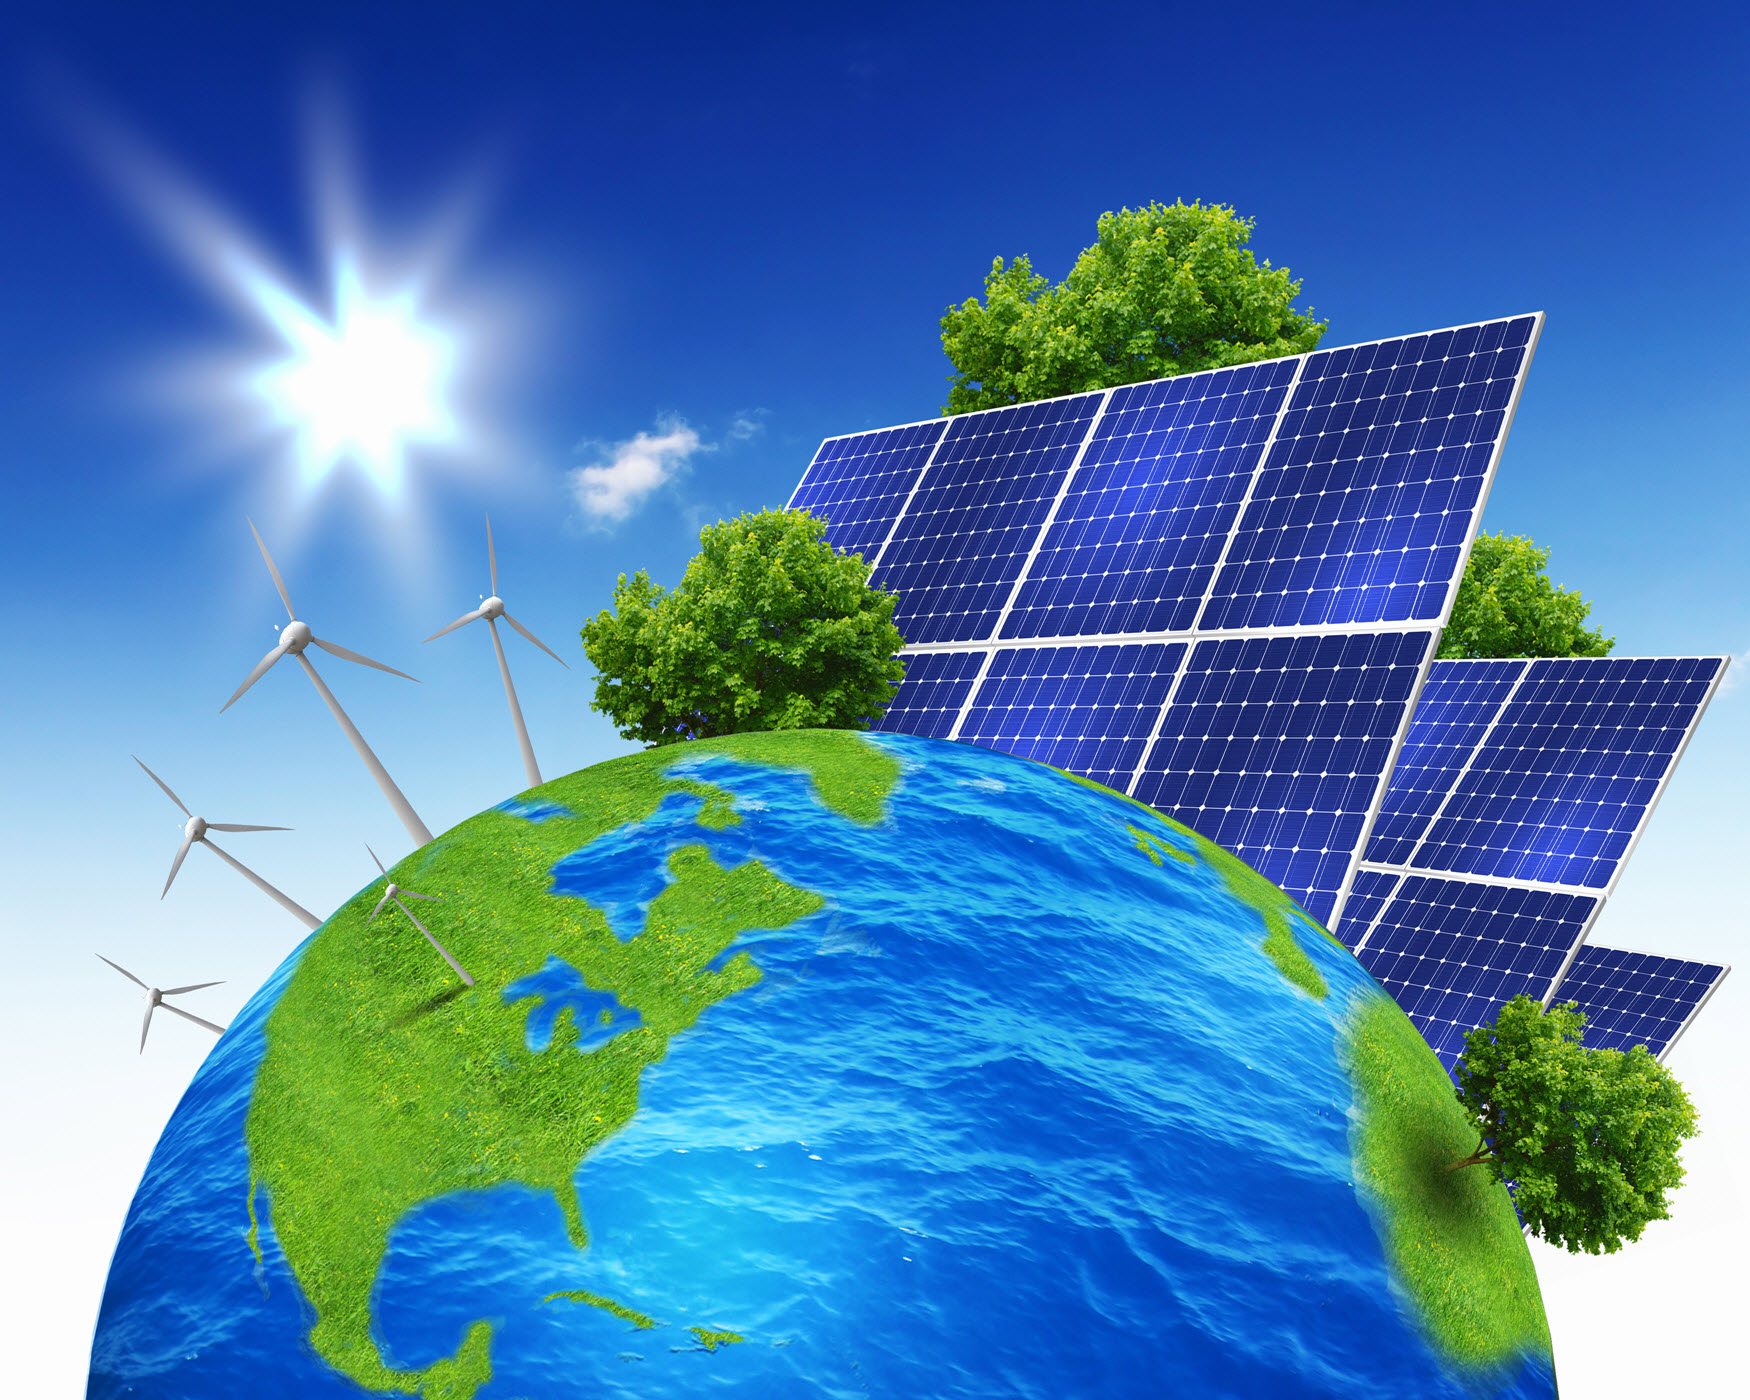 Solar Field Development on Brownfield Site